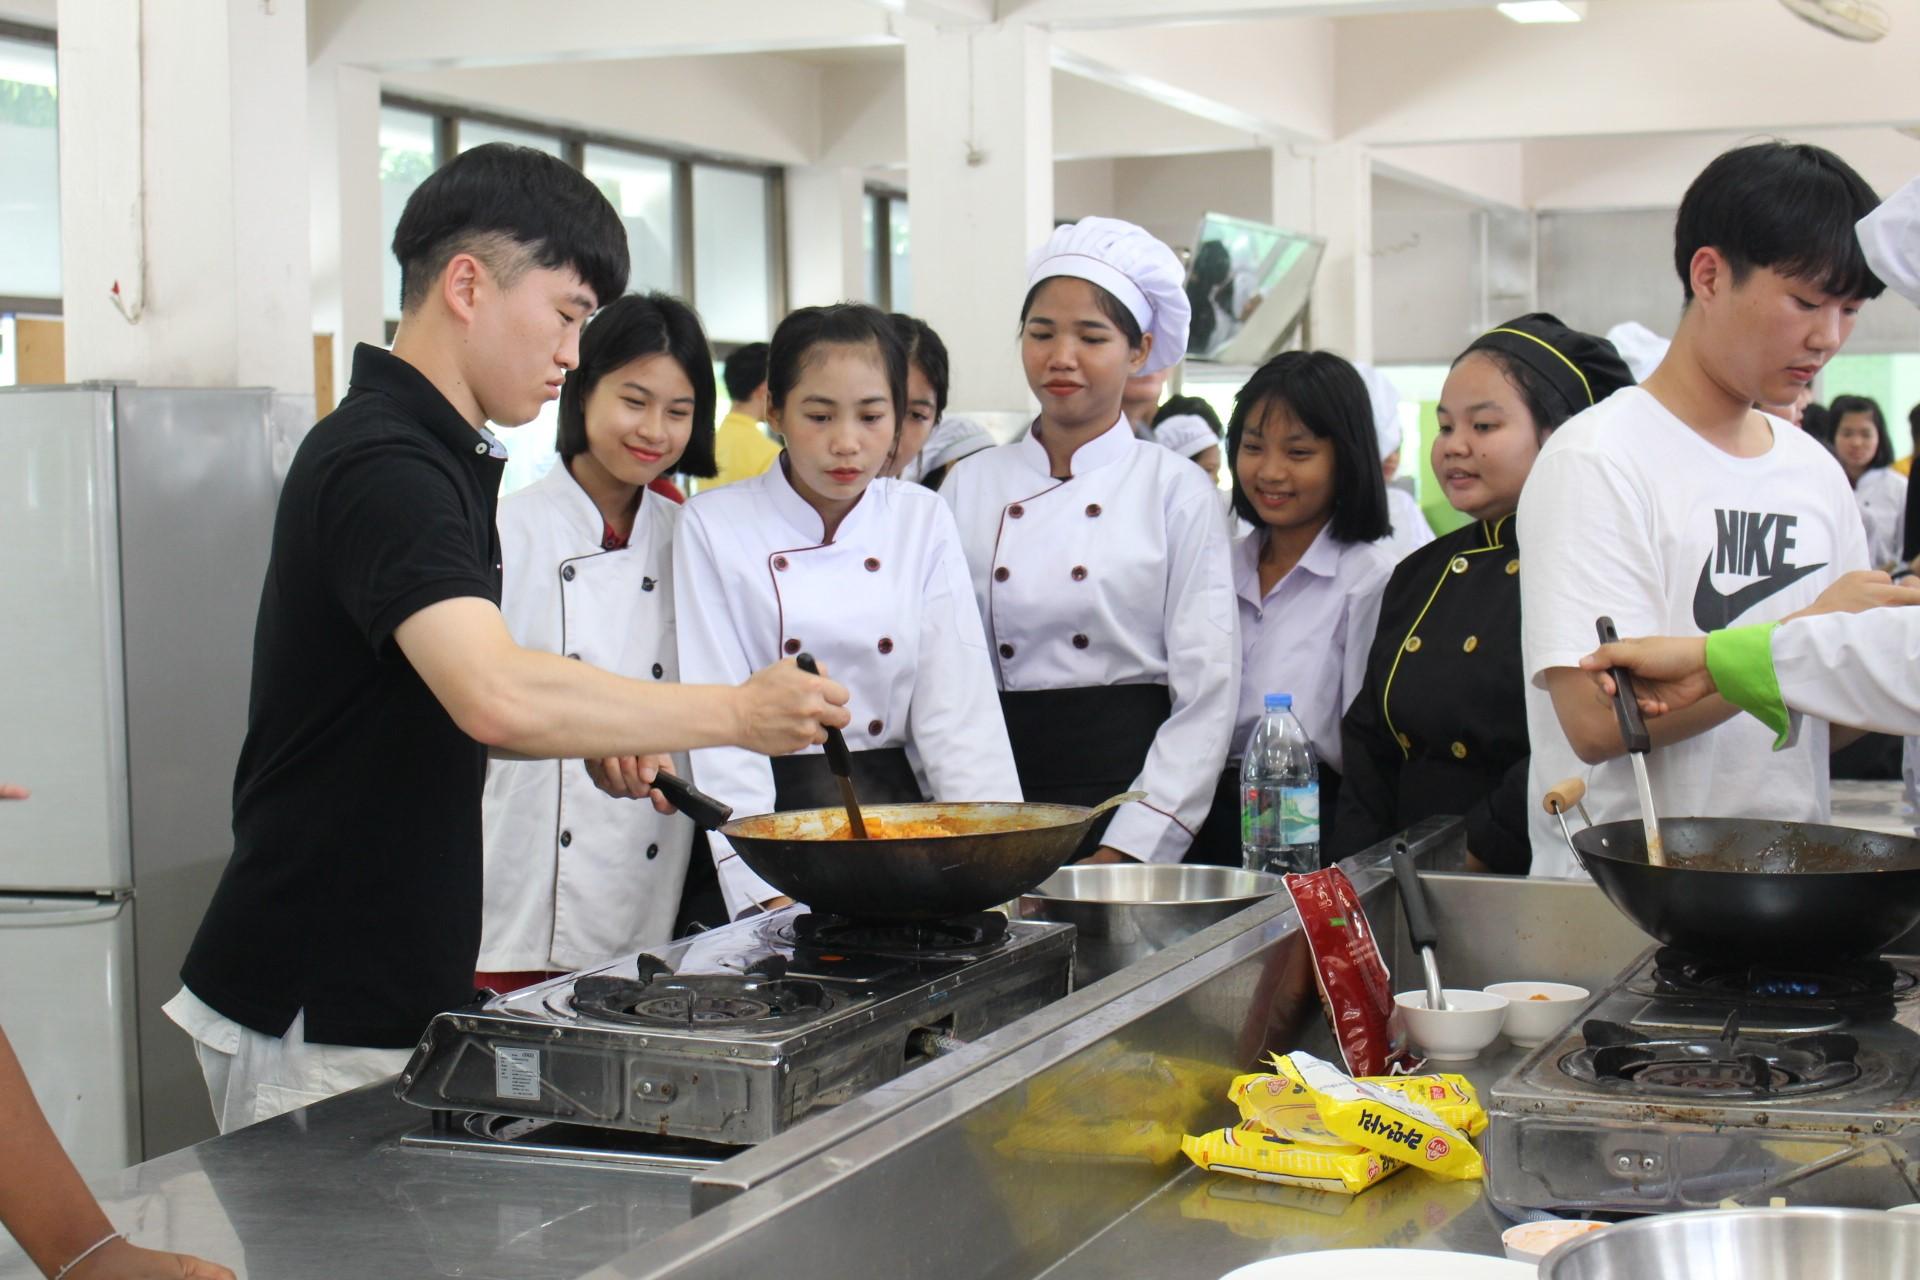 แลกเปลี่ยนถ่ายทอดวัฒนธรรมเกาหลี (การทำอาหาร) 2562